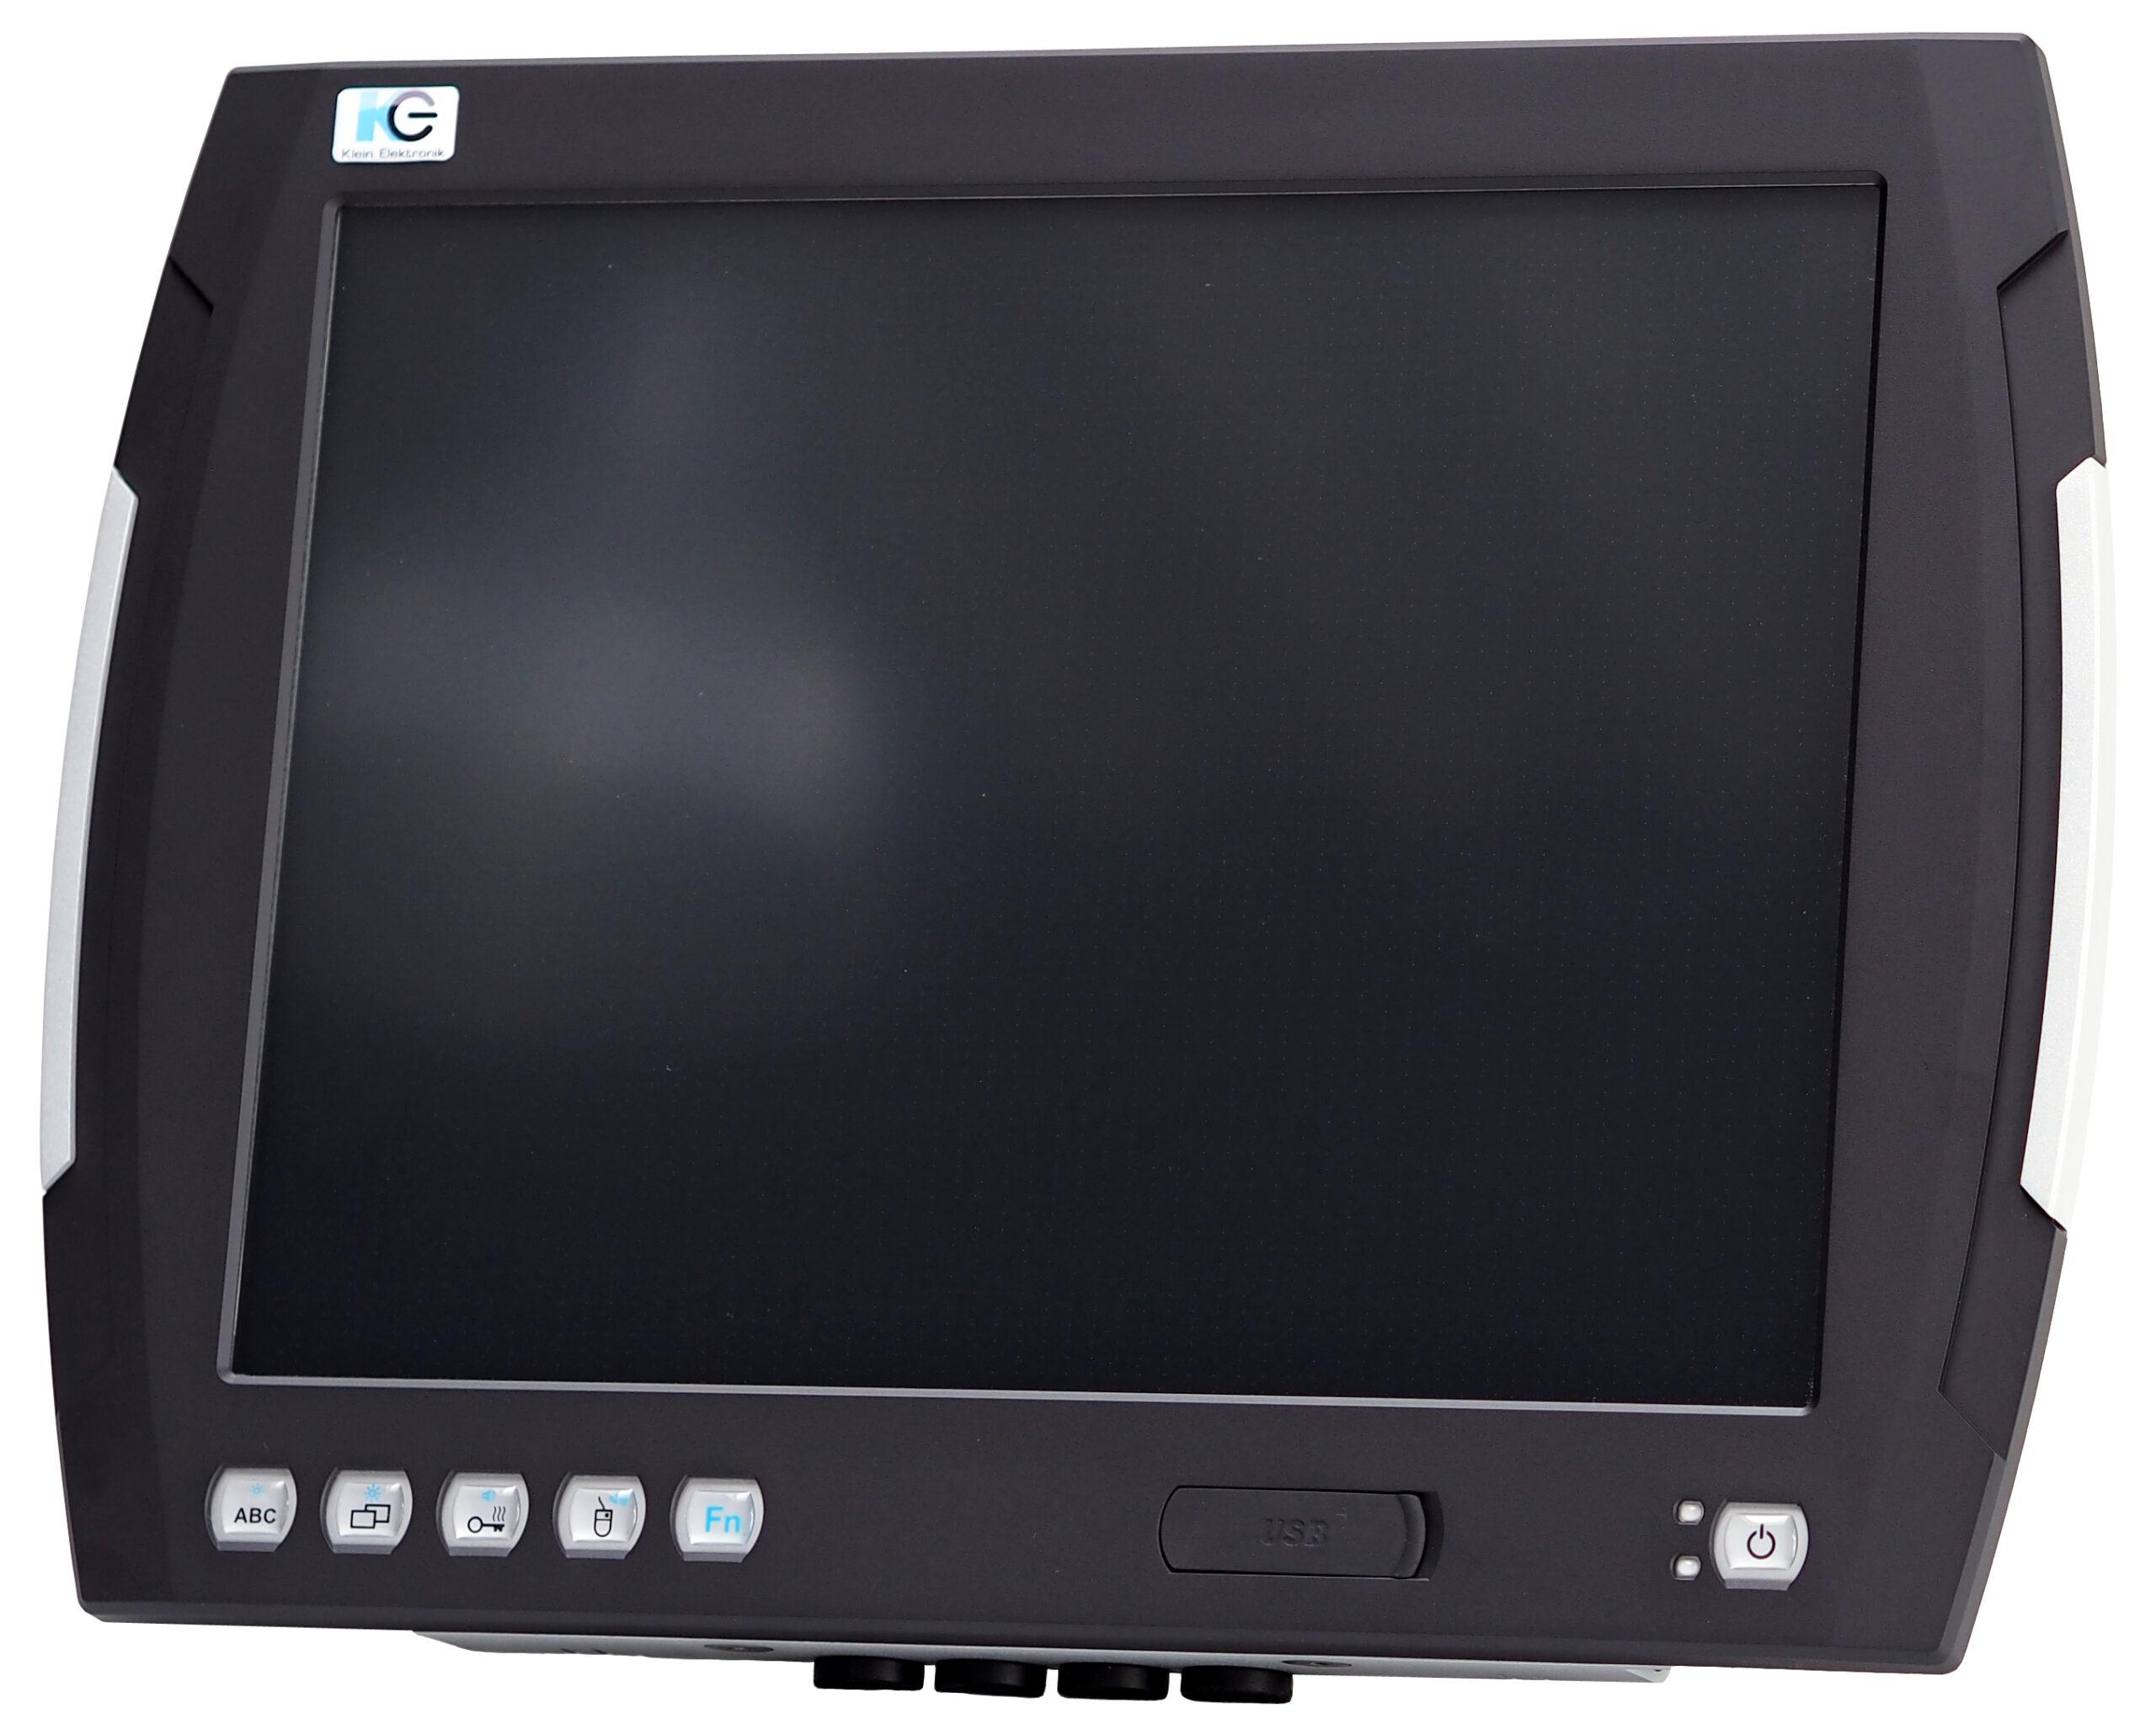 Panel-PC-VMT7015-Serie-vorne-links